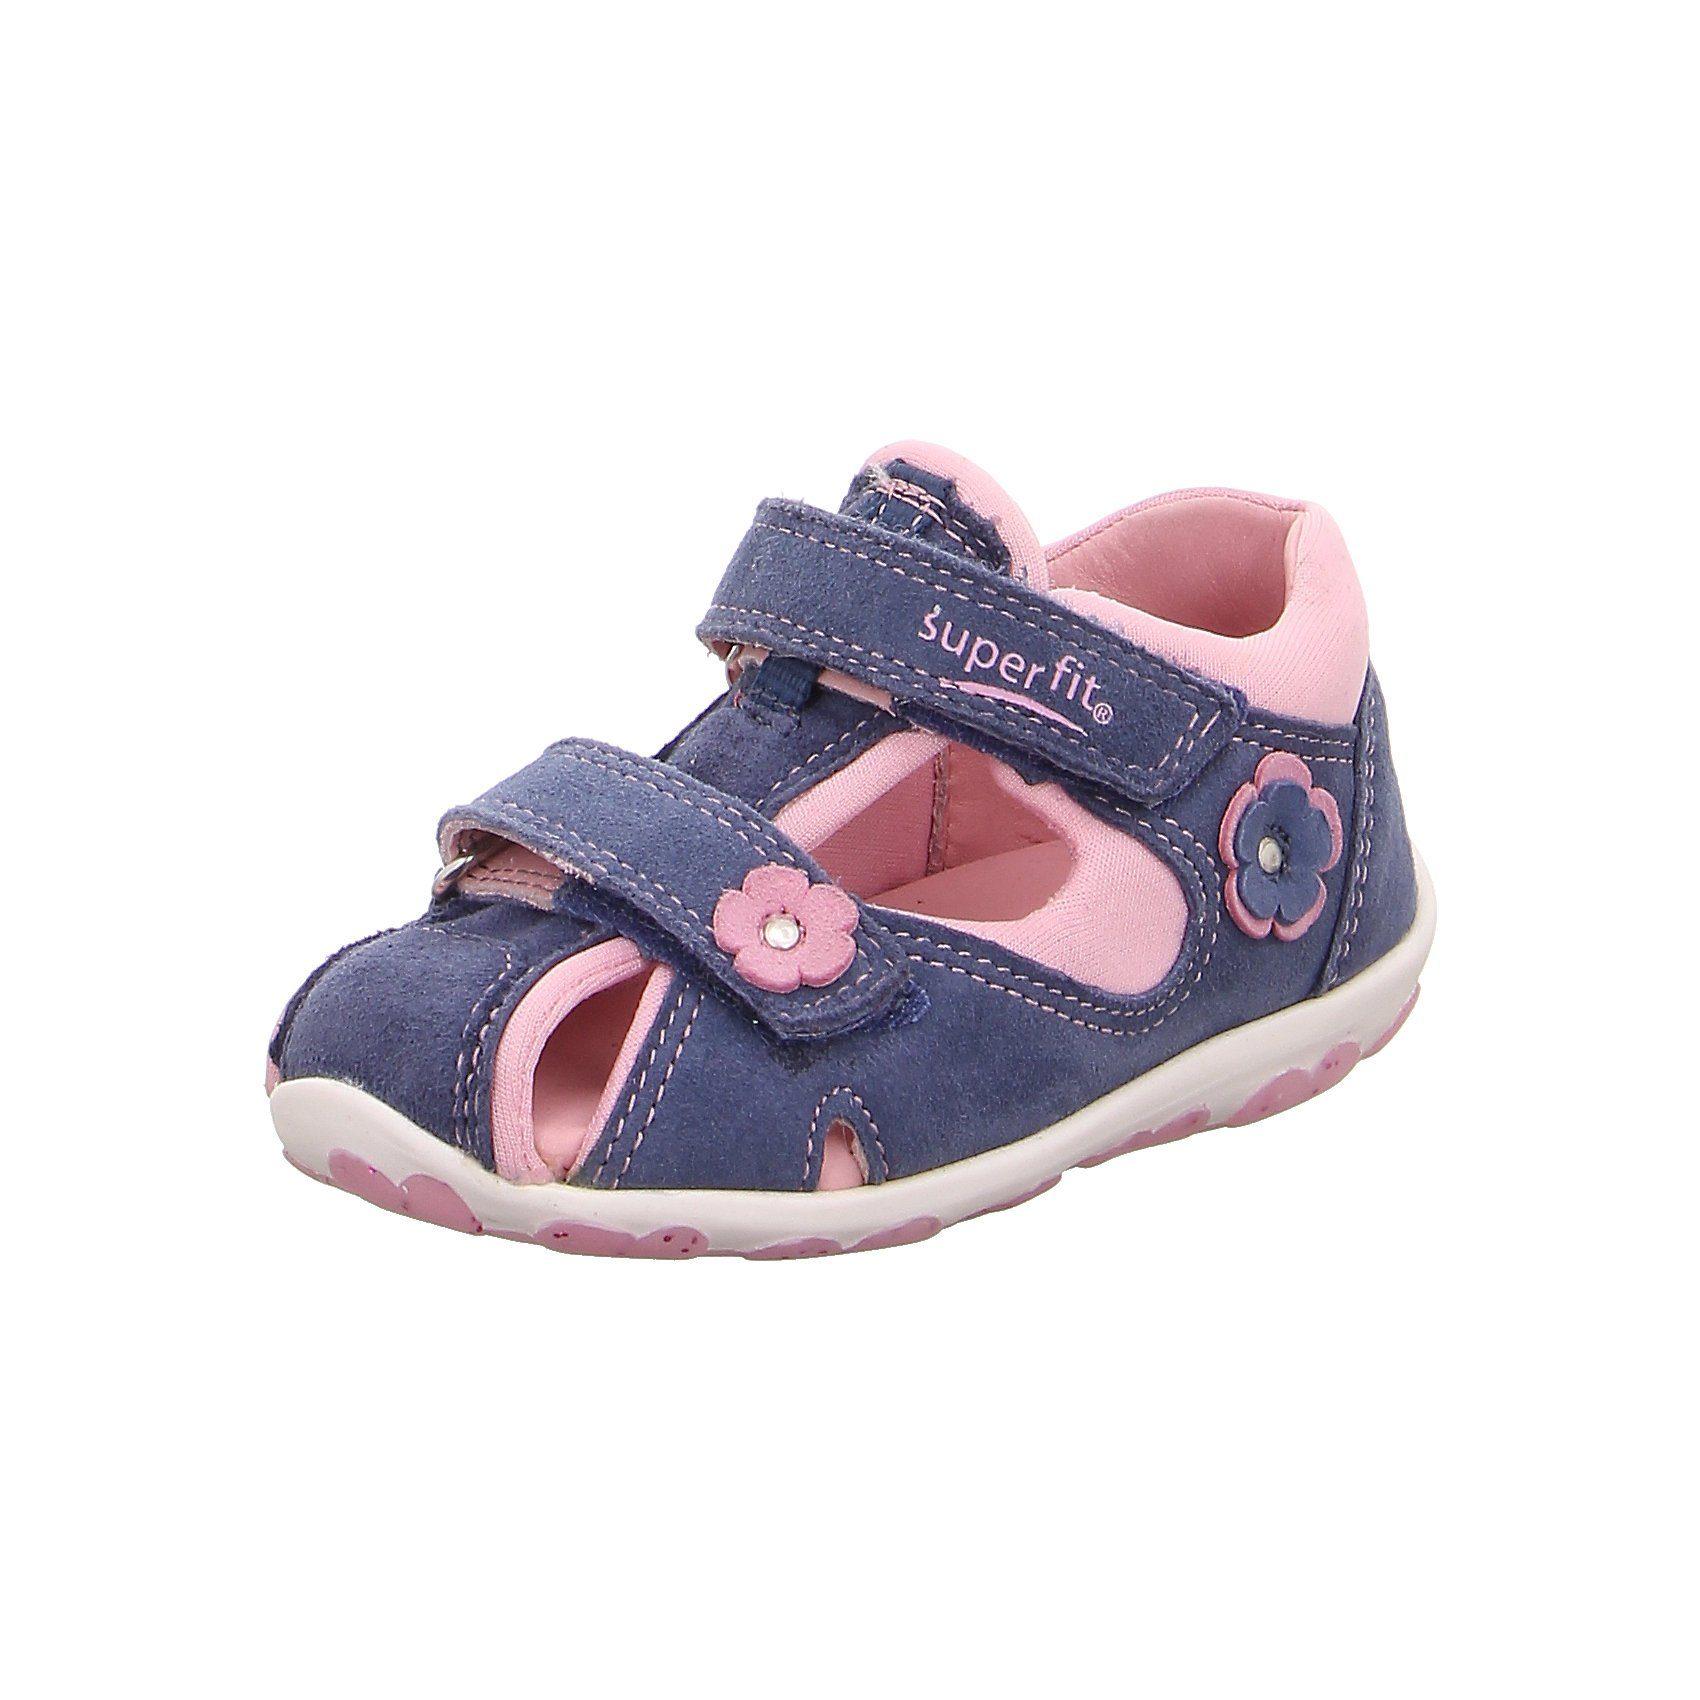 AboutYou | Kinder, Mädchen, Kinder RICOSTA Sandalen blau